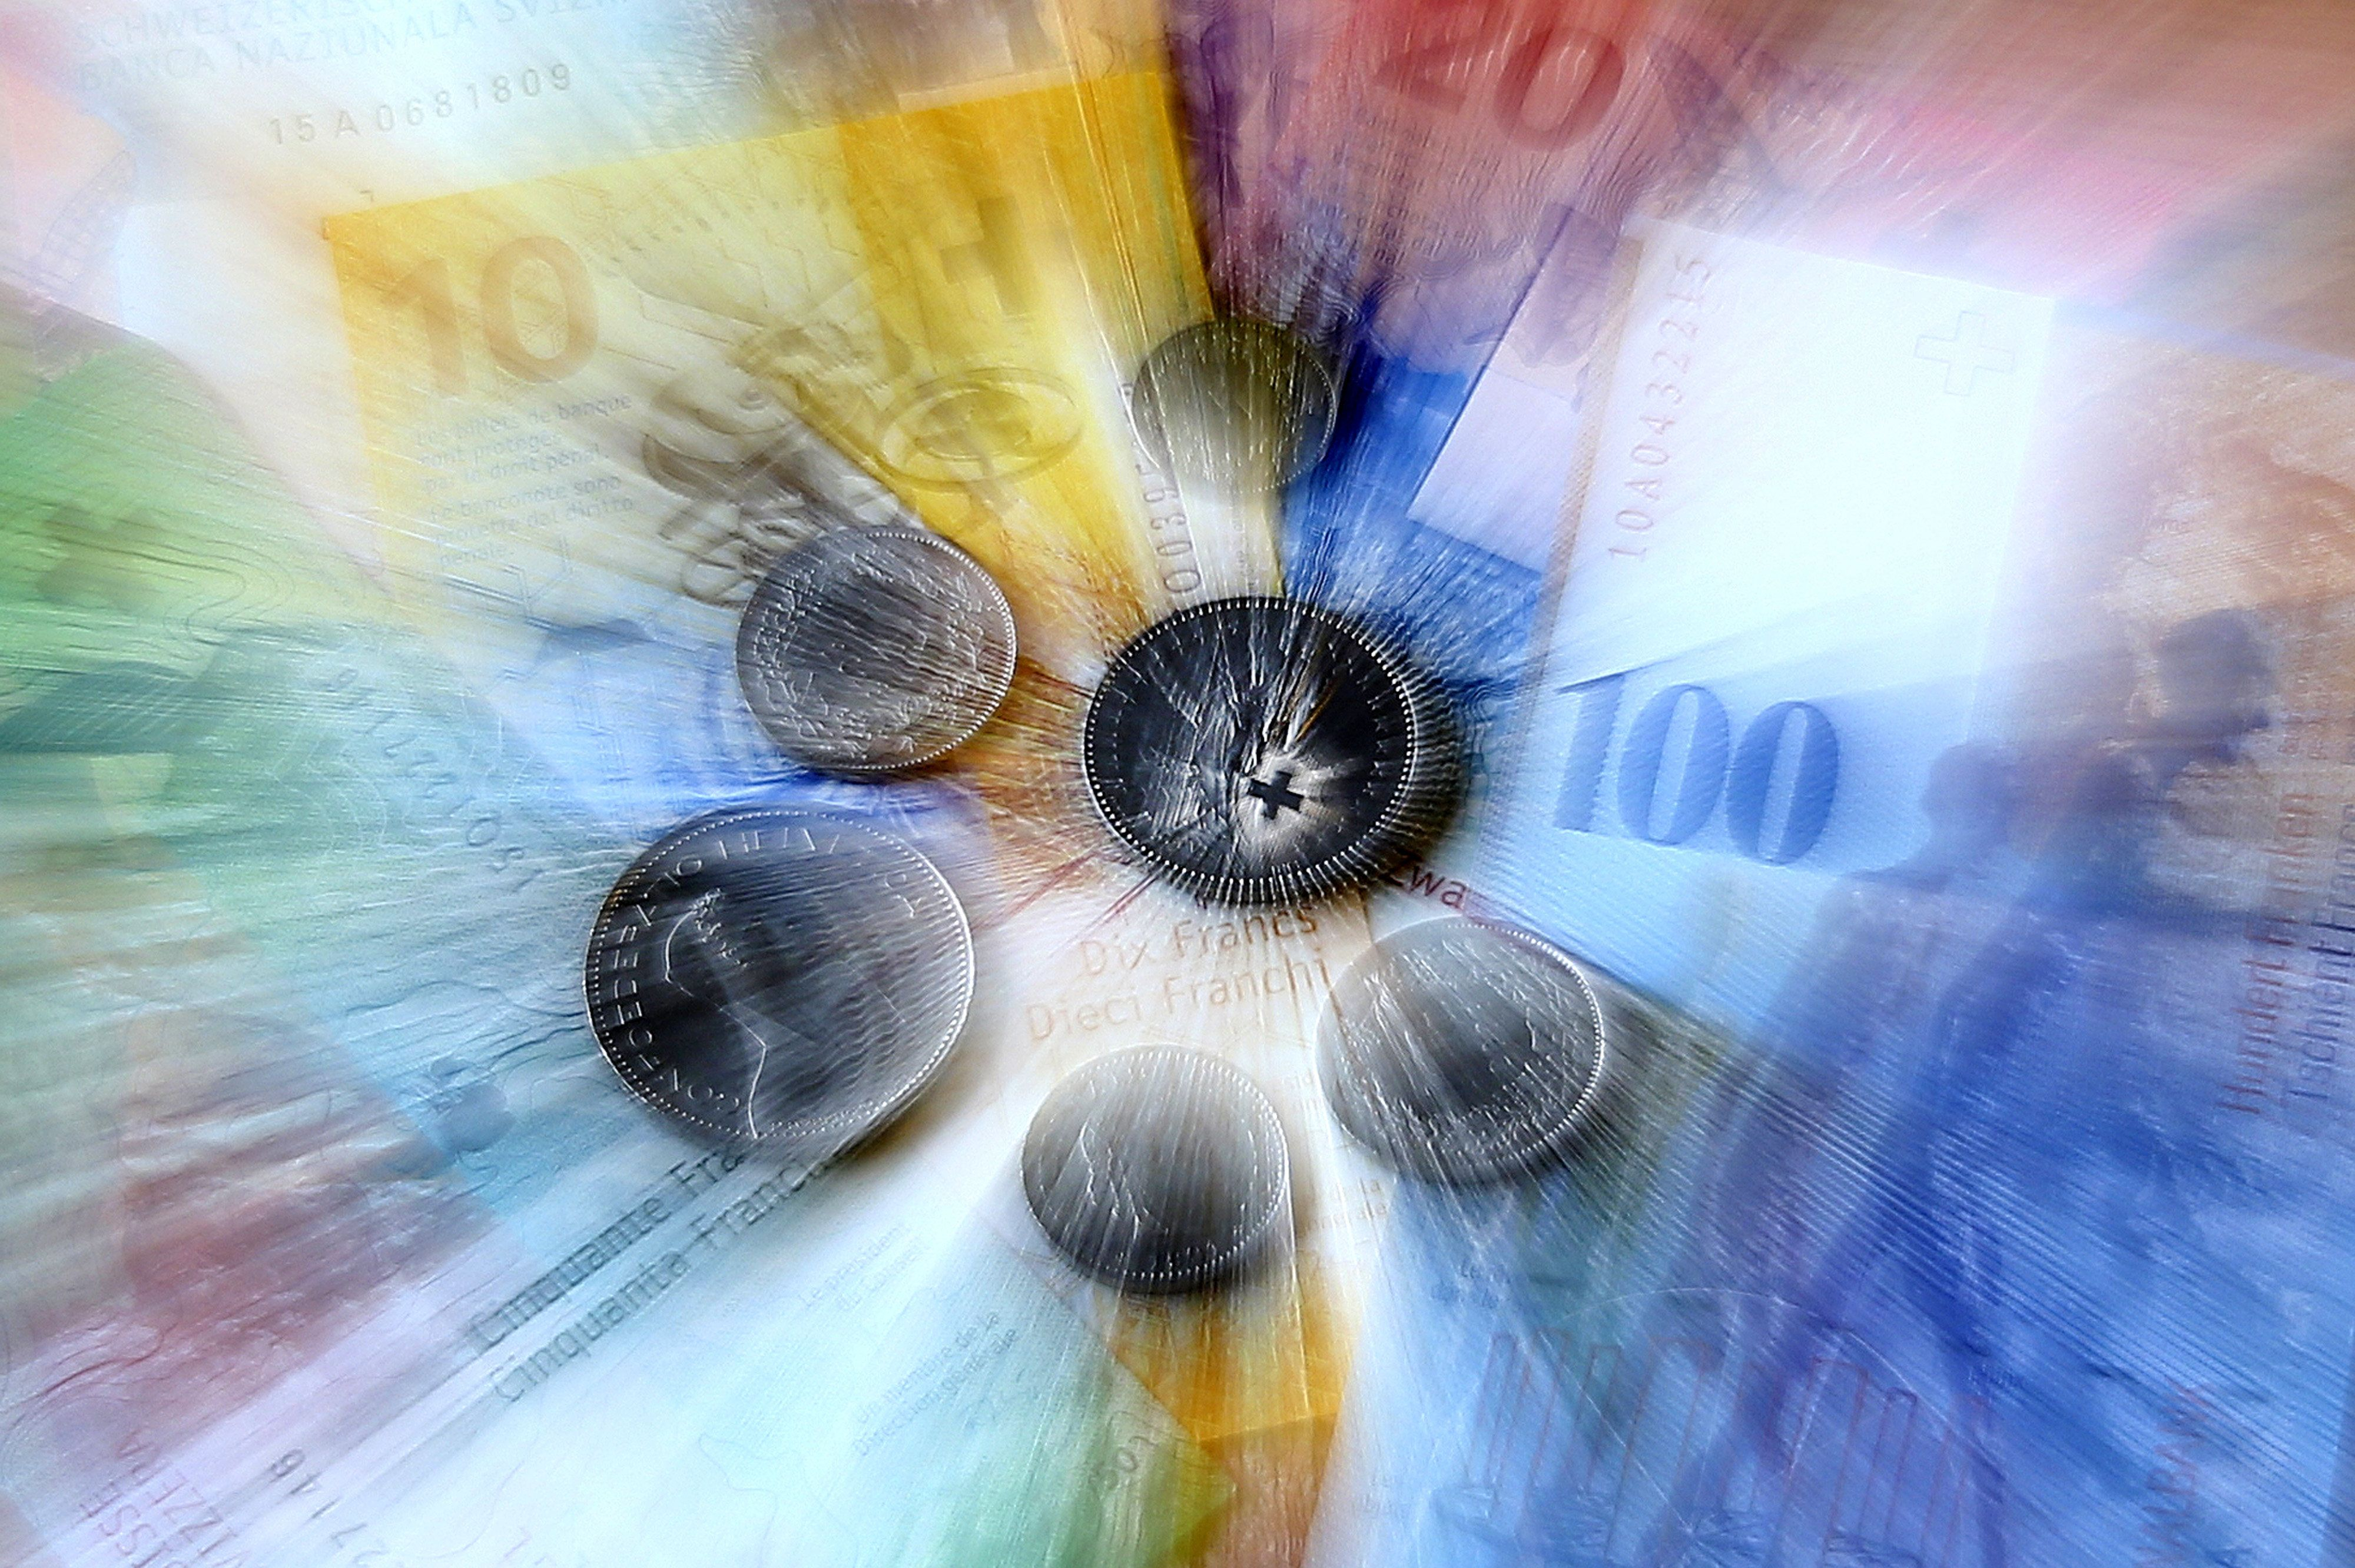 Δικαιώνονται δανειολήπτες που αποπλήρωναν σε ελβετικό